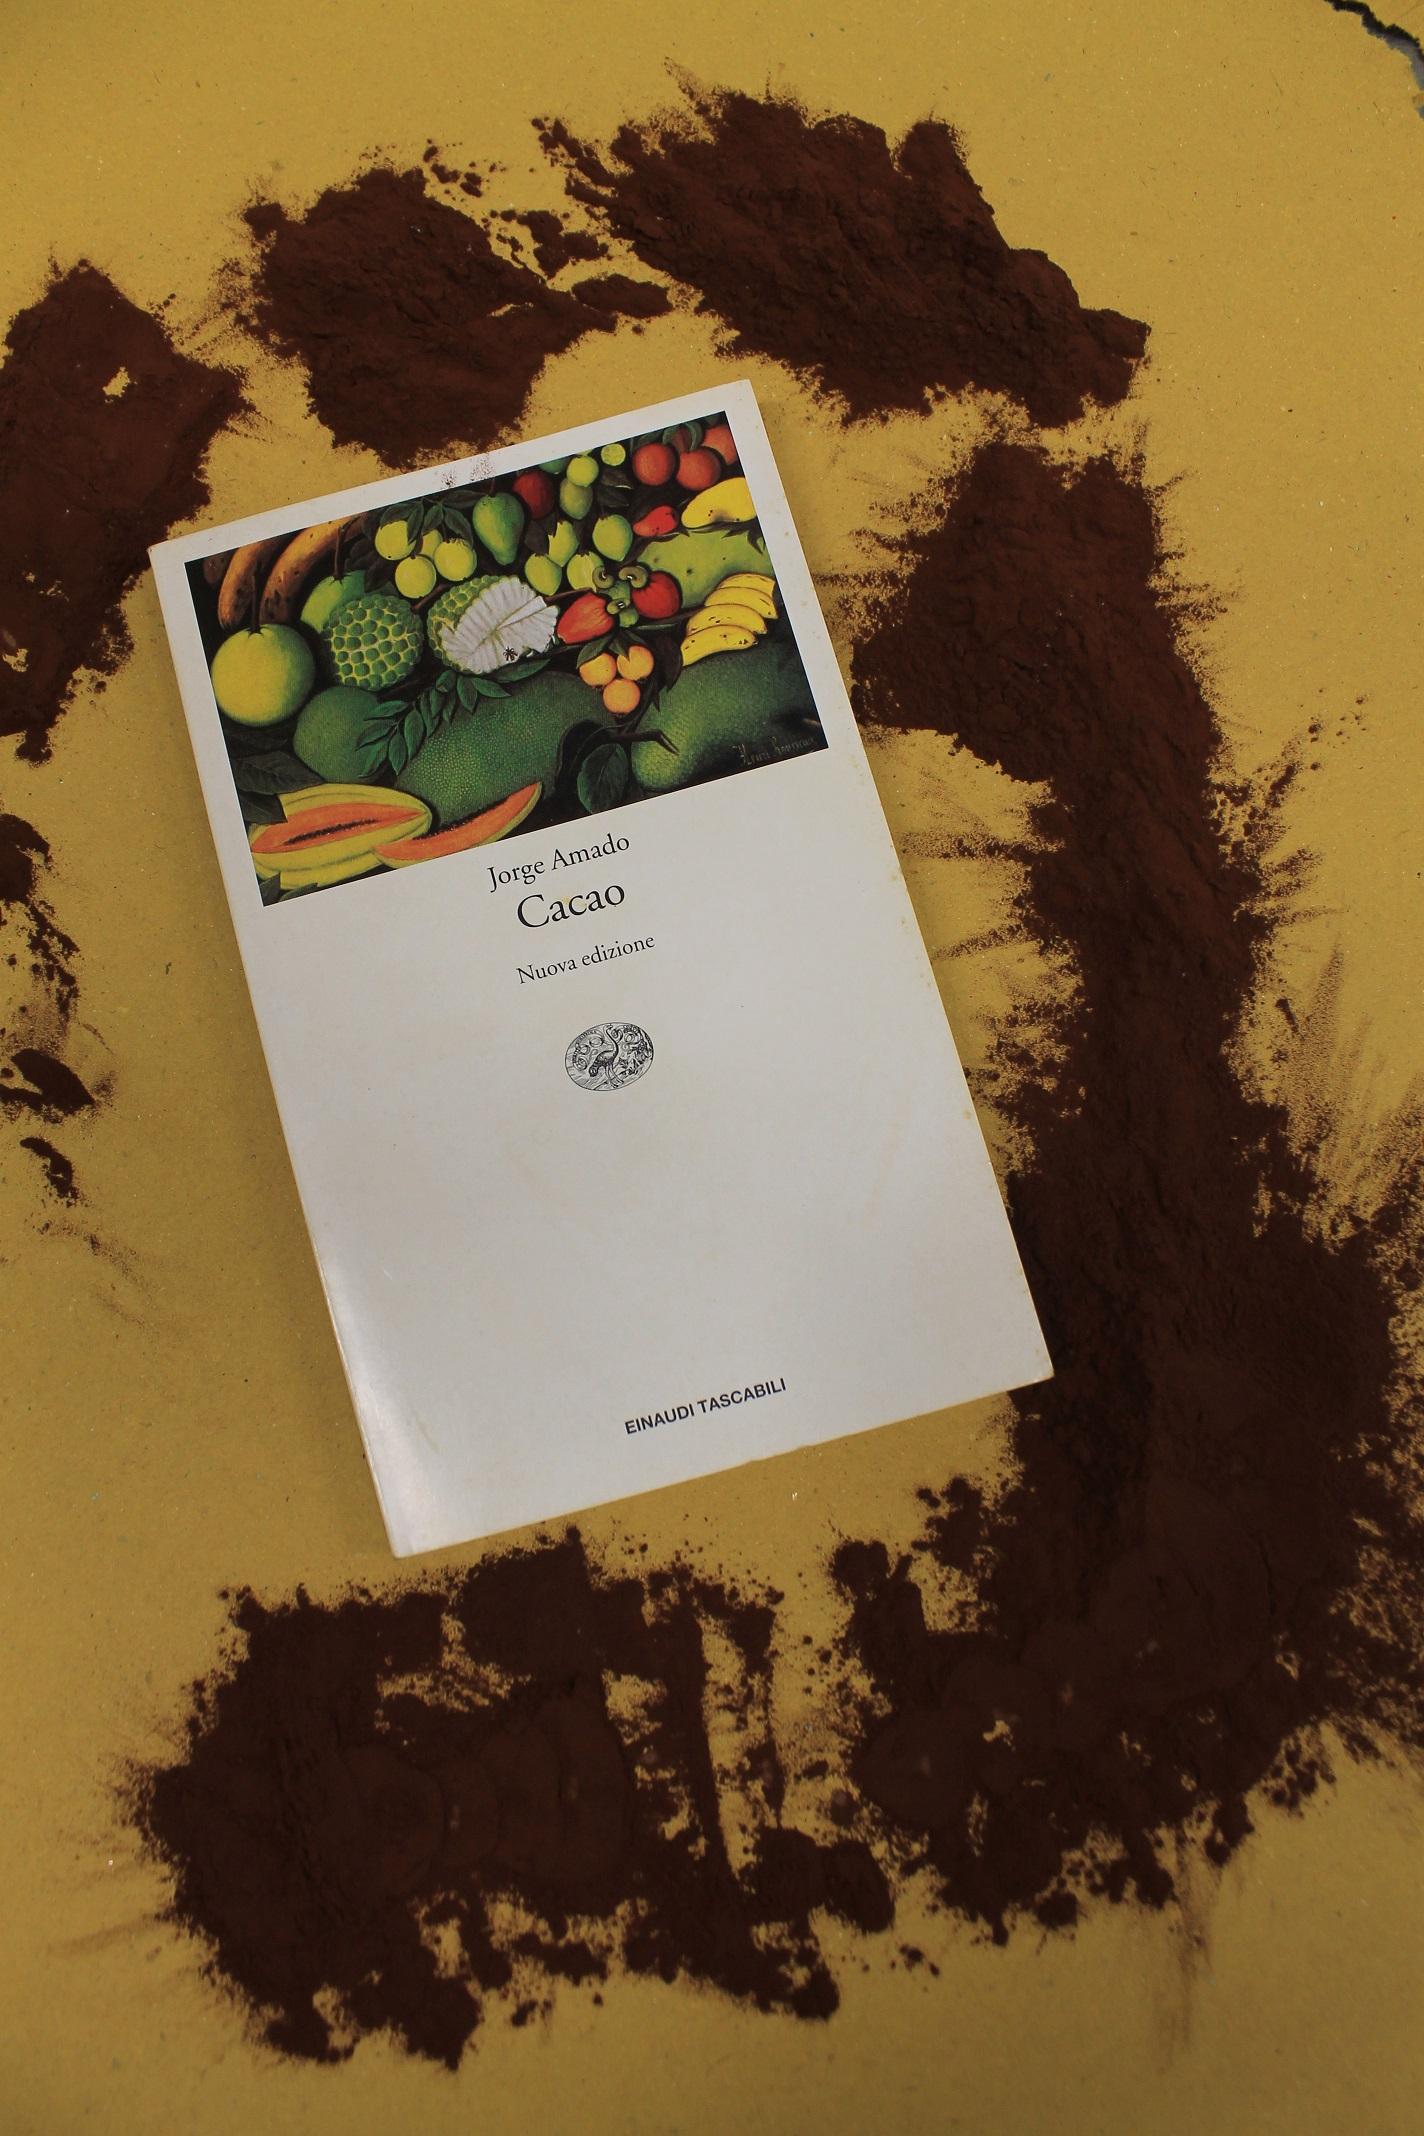 Jorge Amado, Cacao